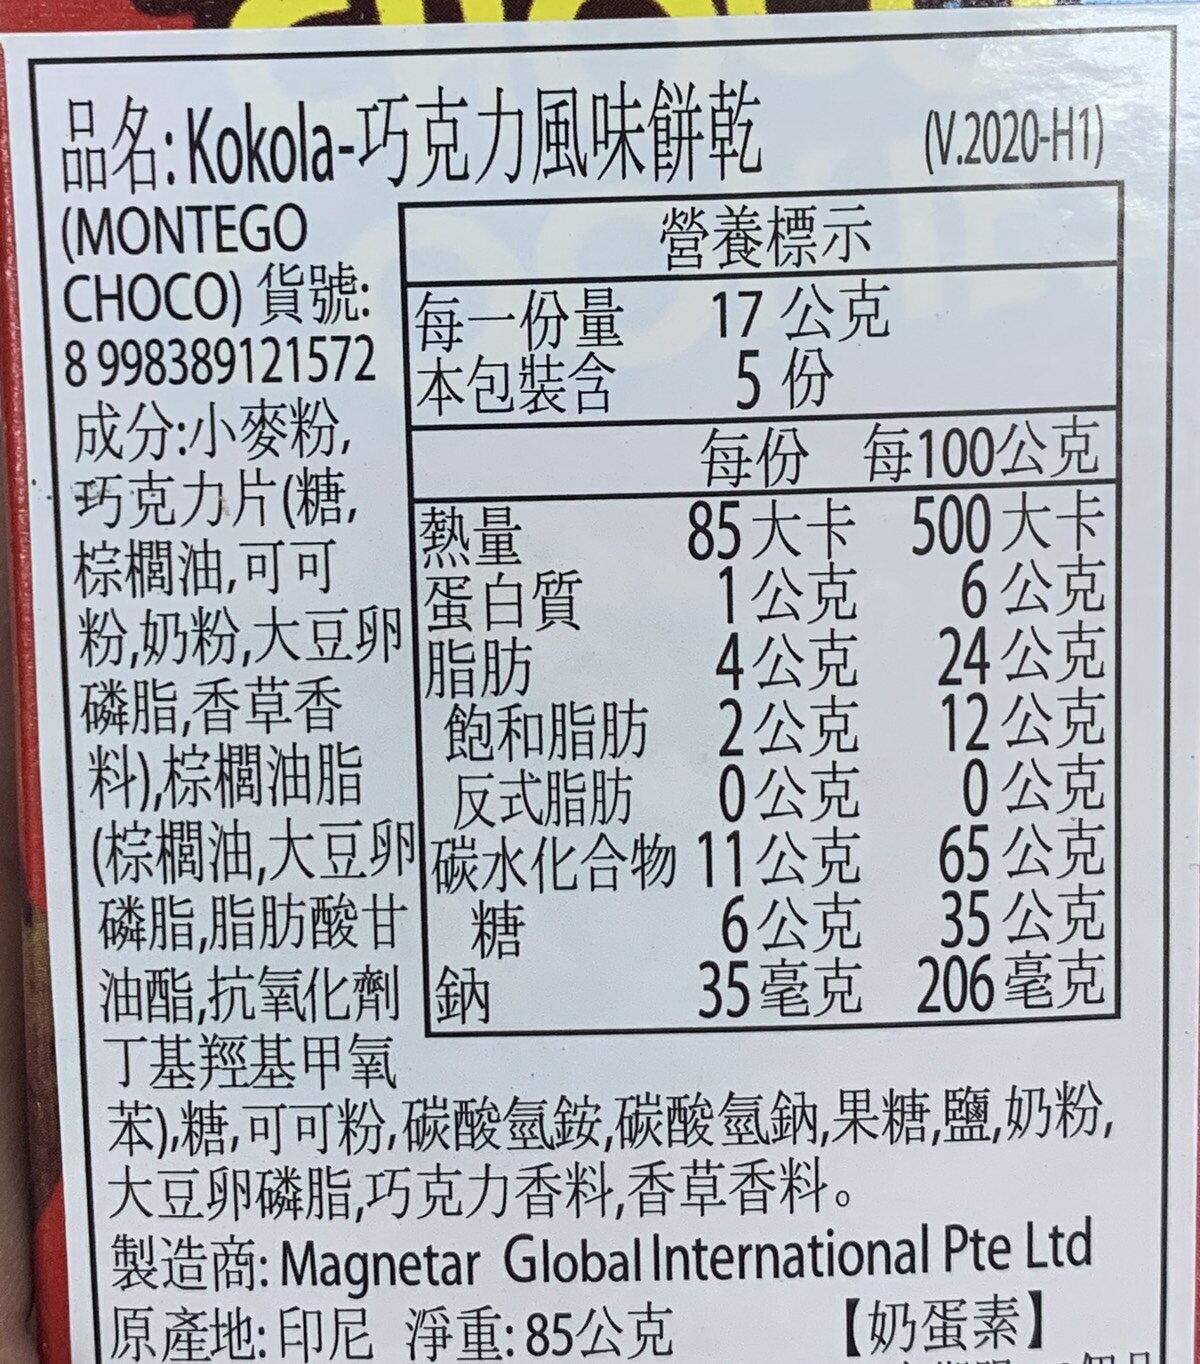 {泰菲印越}印尼 KOKOLA 巧克力酥餅 巧克力風味餅乾 5入裝